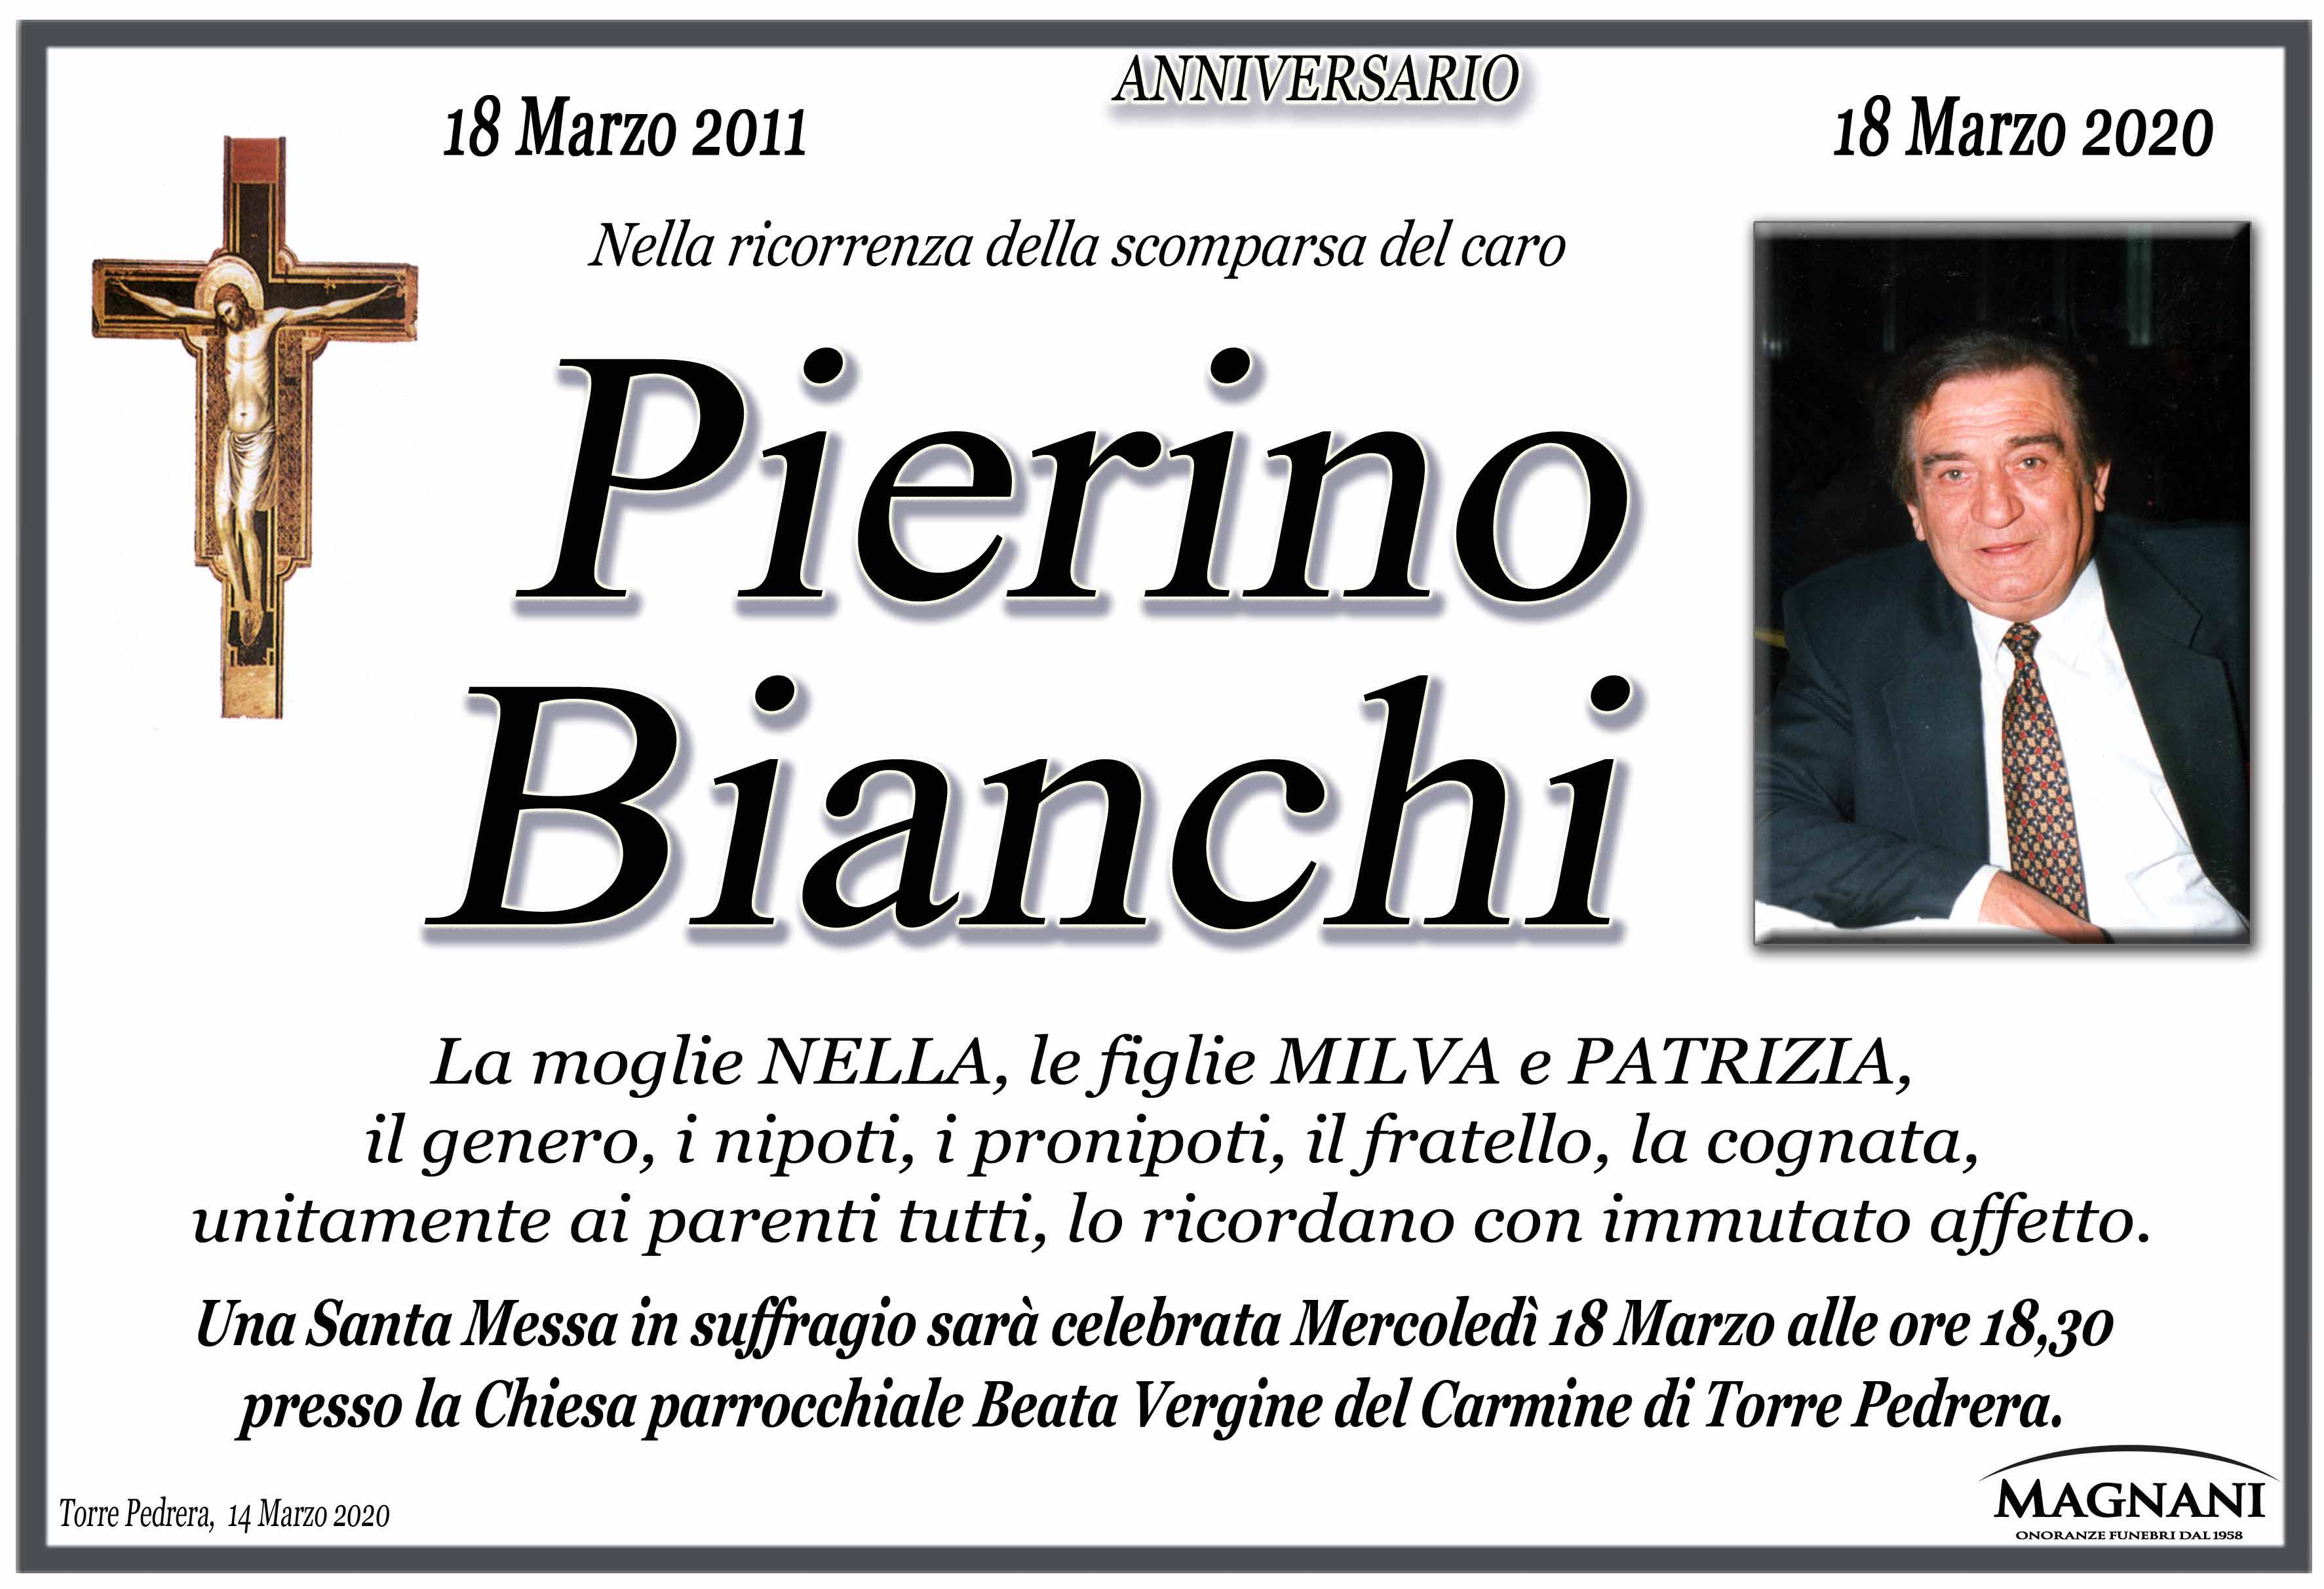 Pierino Bianchi